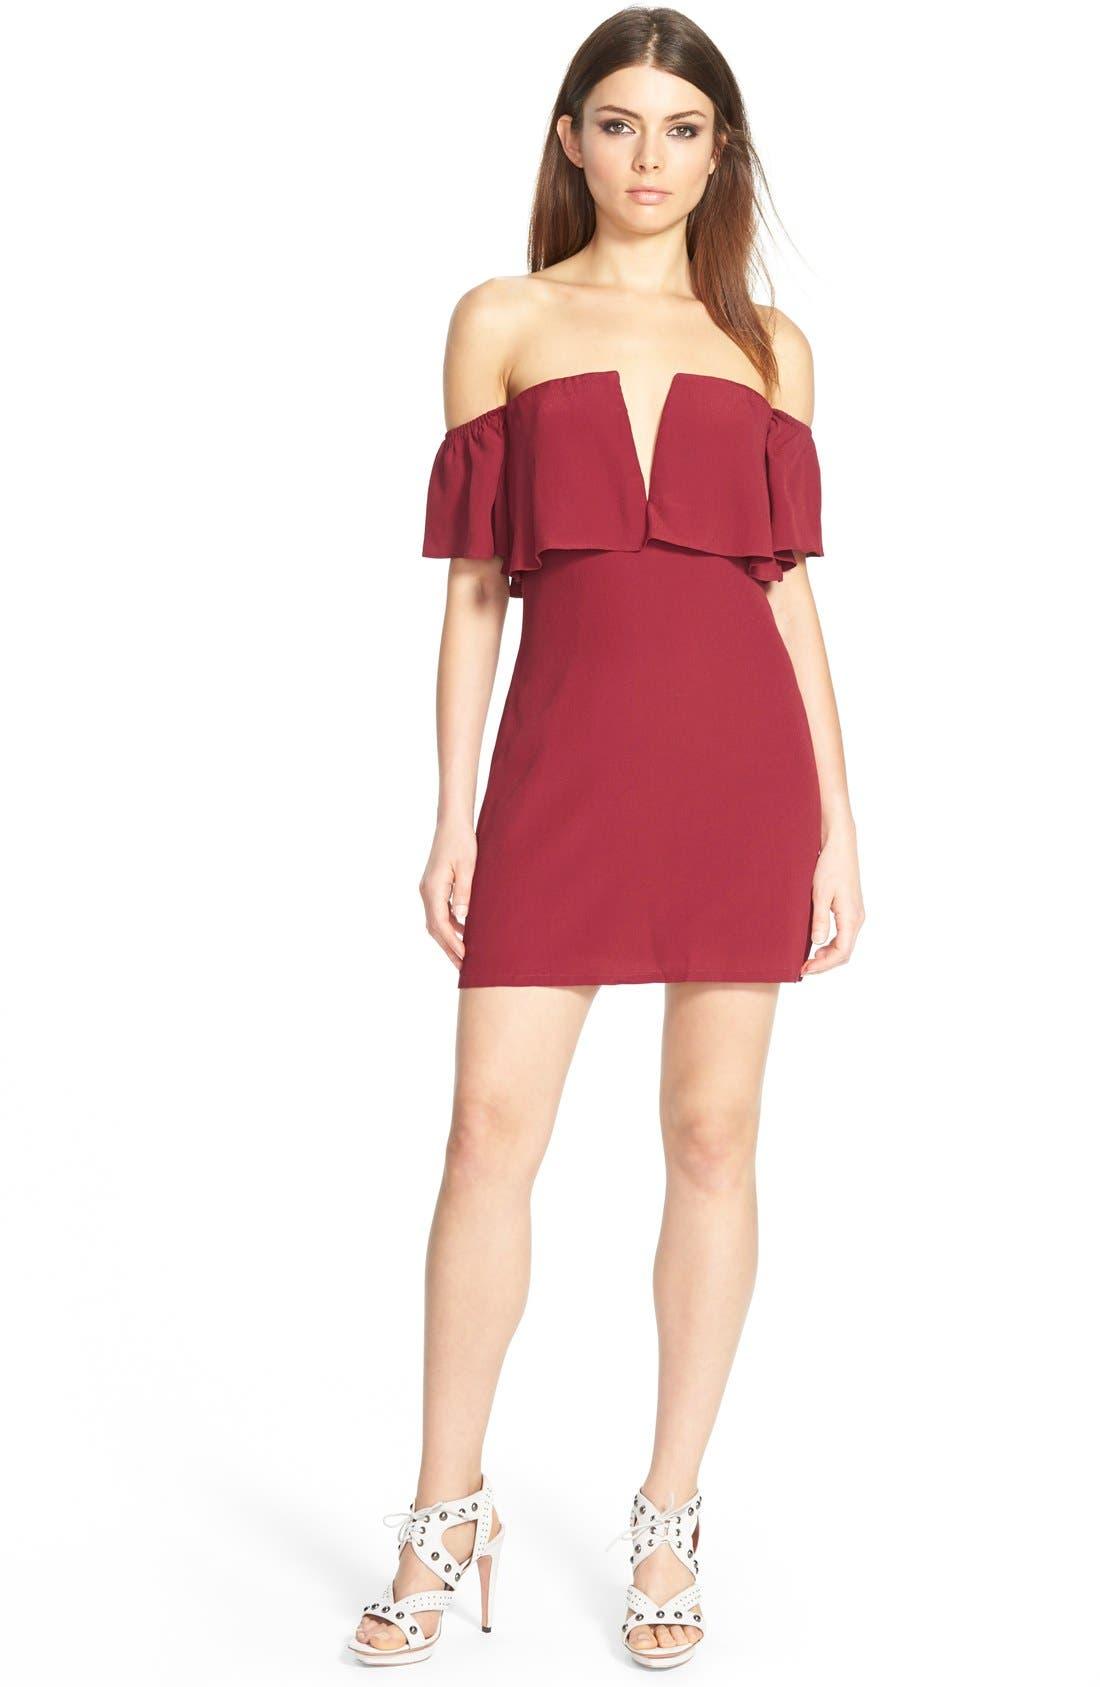 Alternate Image 1 Selected - Lovers + Friends 'Primrose' Offthe Shoulder Dress